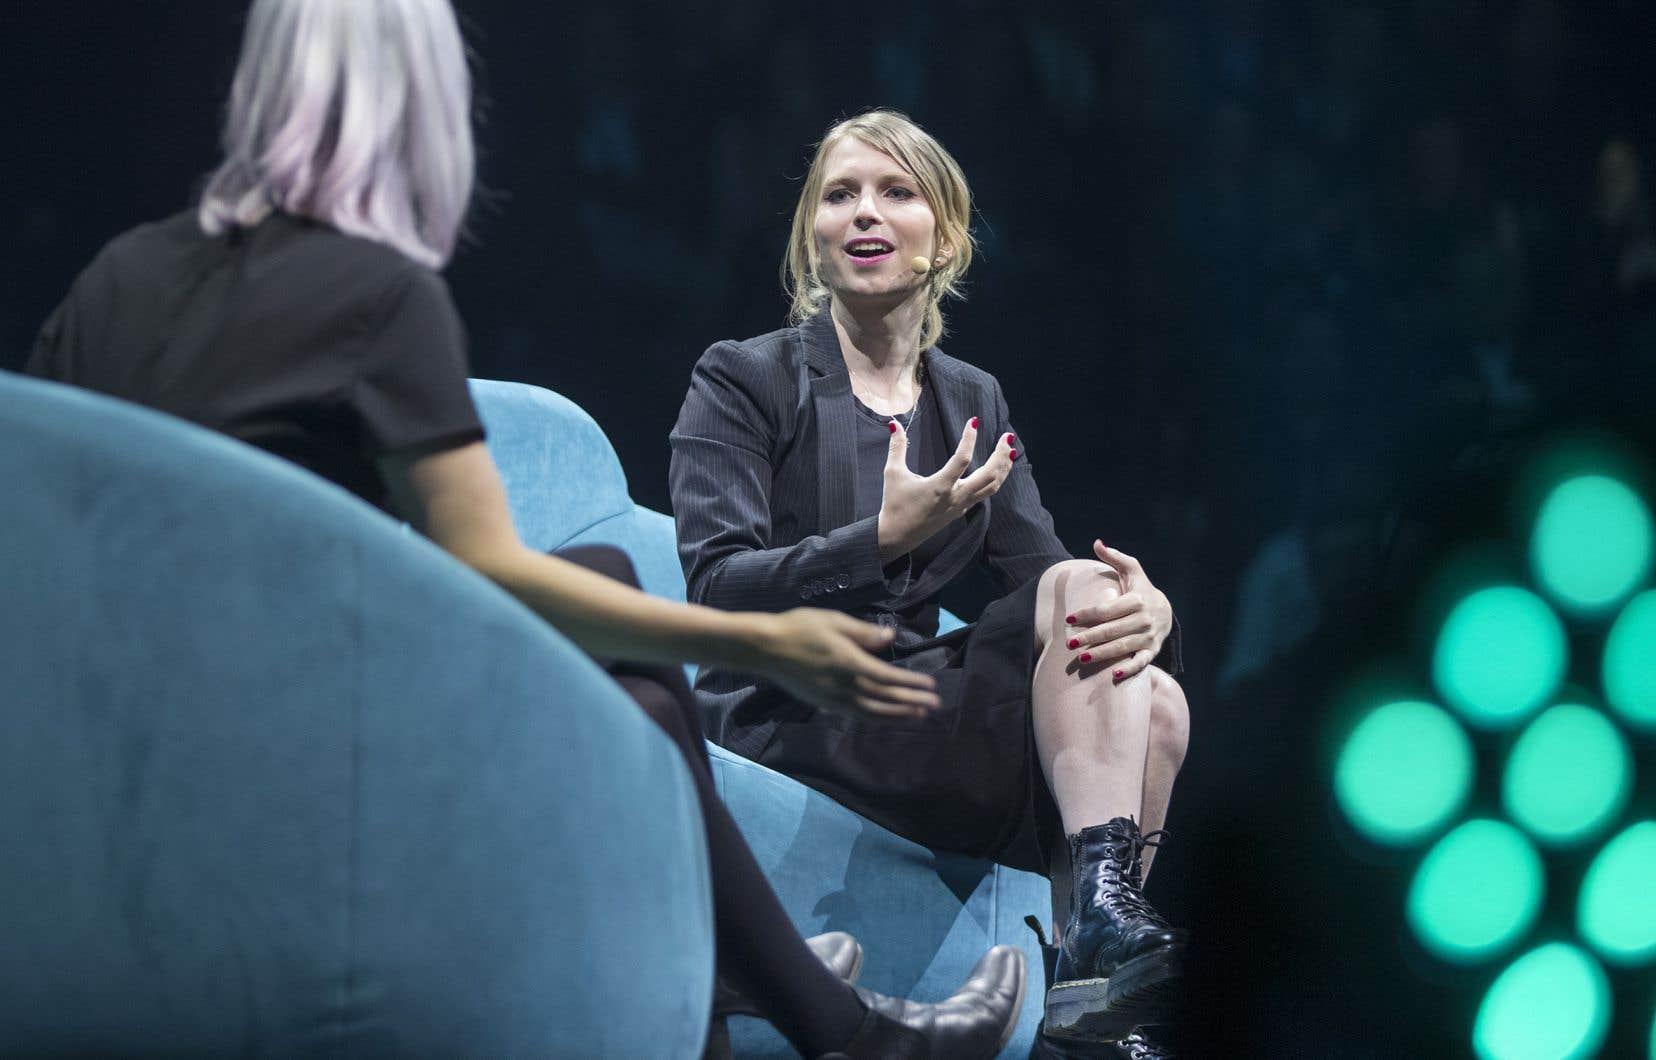 Chelsea Manning, l'ancienne informatrice de WikiLeaks, était de passage à la conférence C2 Montréal.